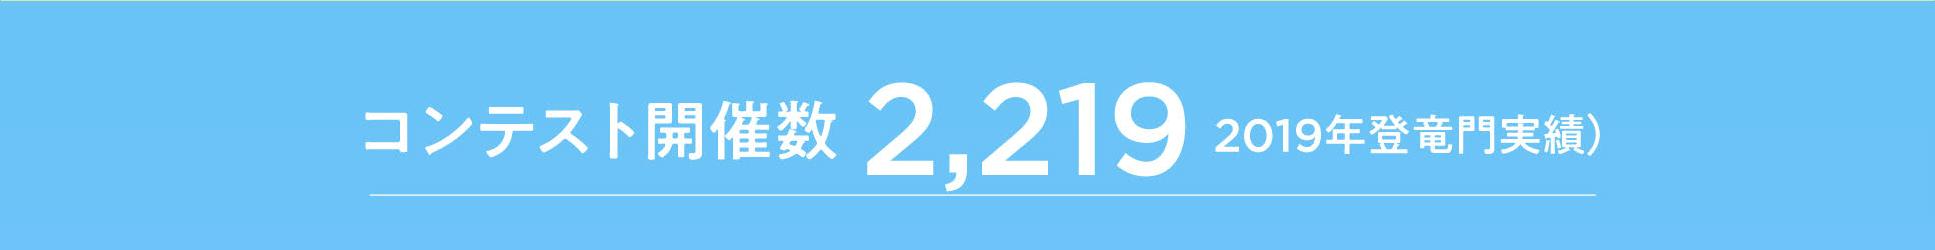 コンテスト開催数「2,219」2019年登竜門実績